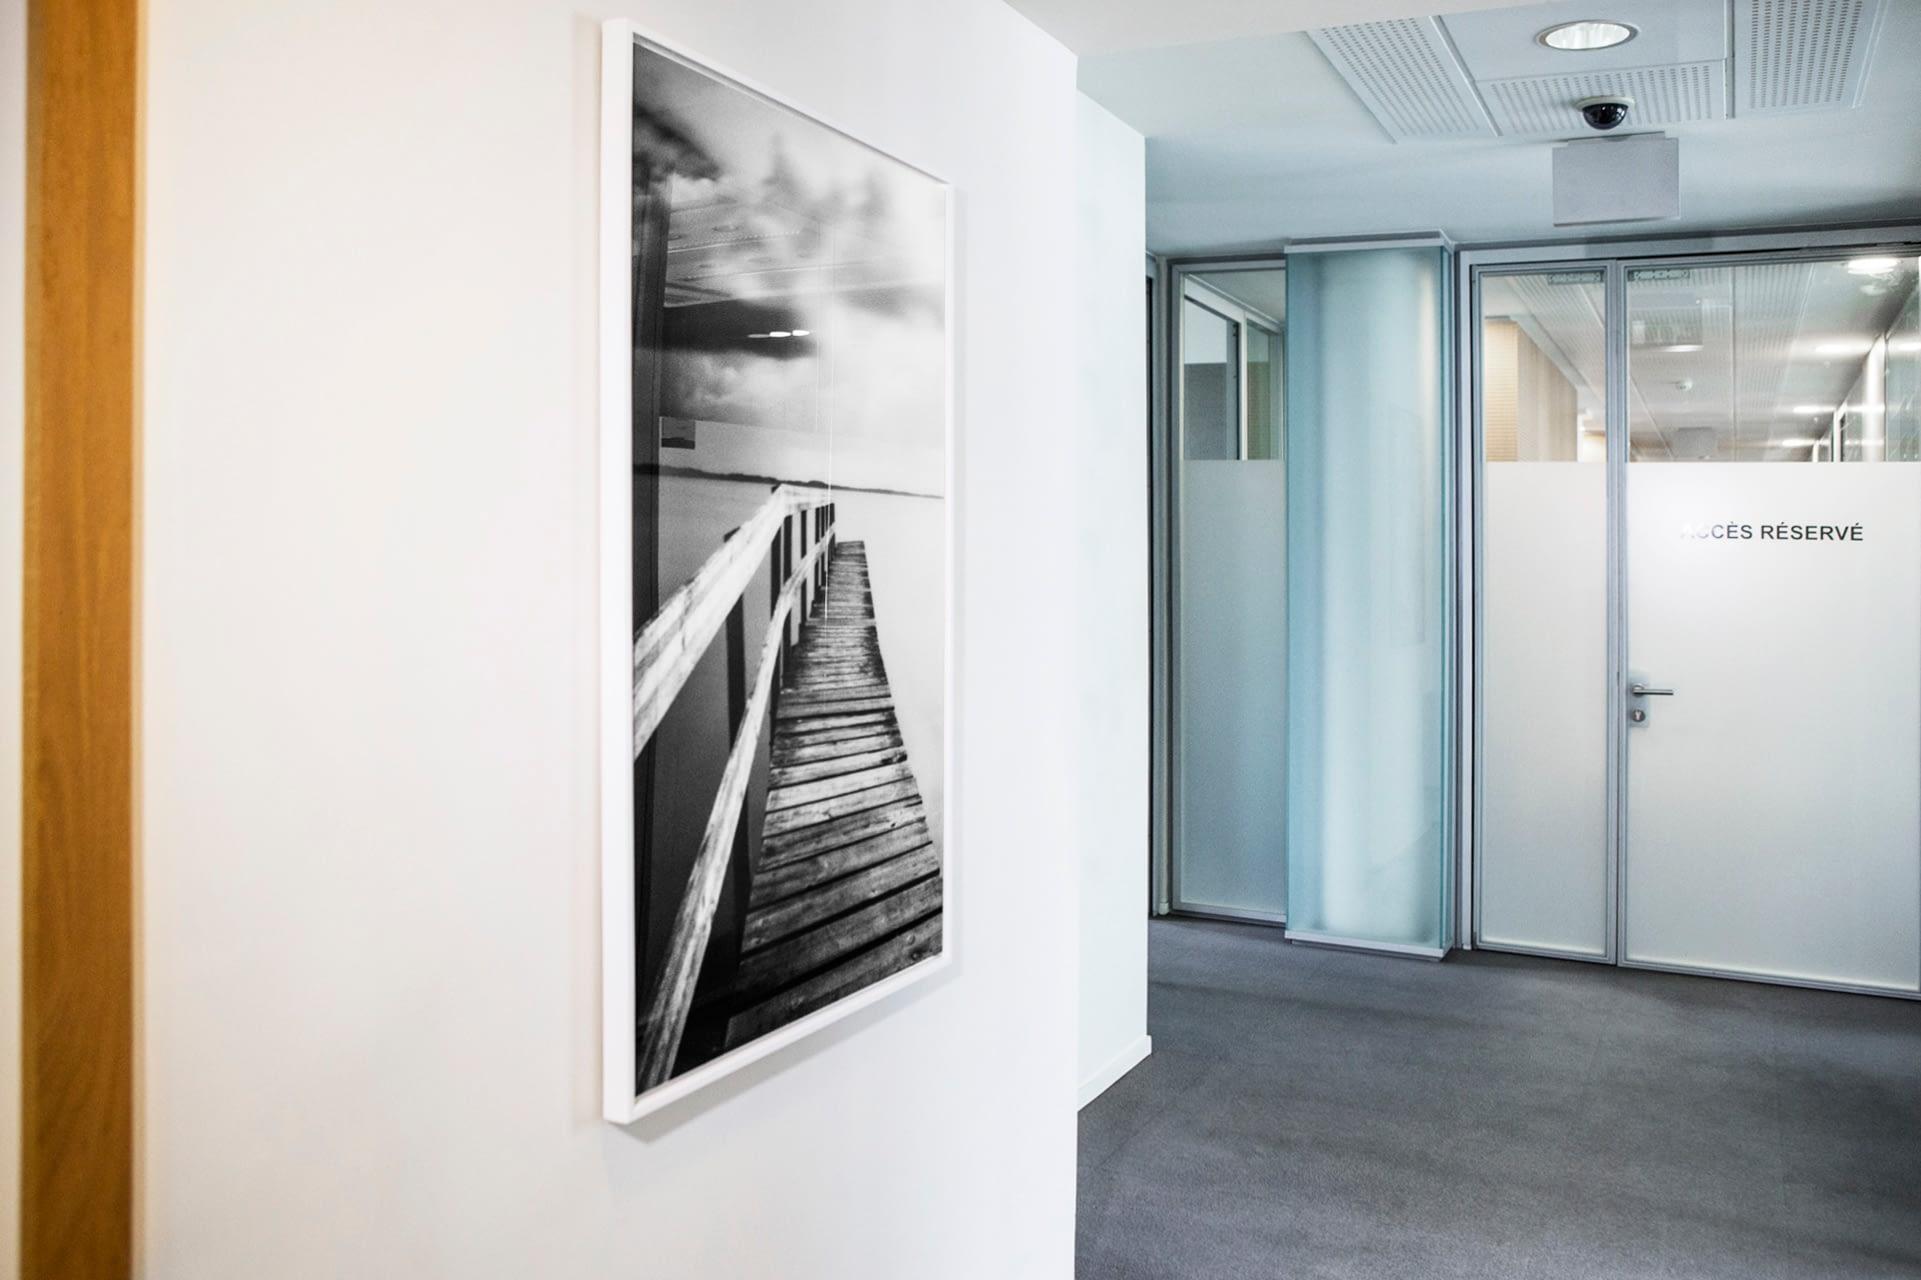 Vente et installation de photographies d'art Pixopolitan pour Equistone Partners Europe